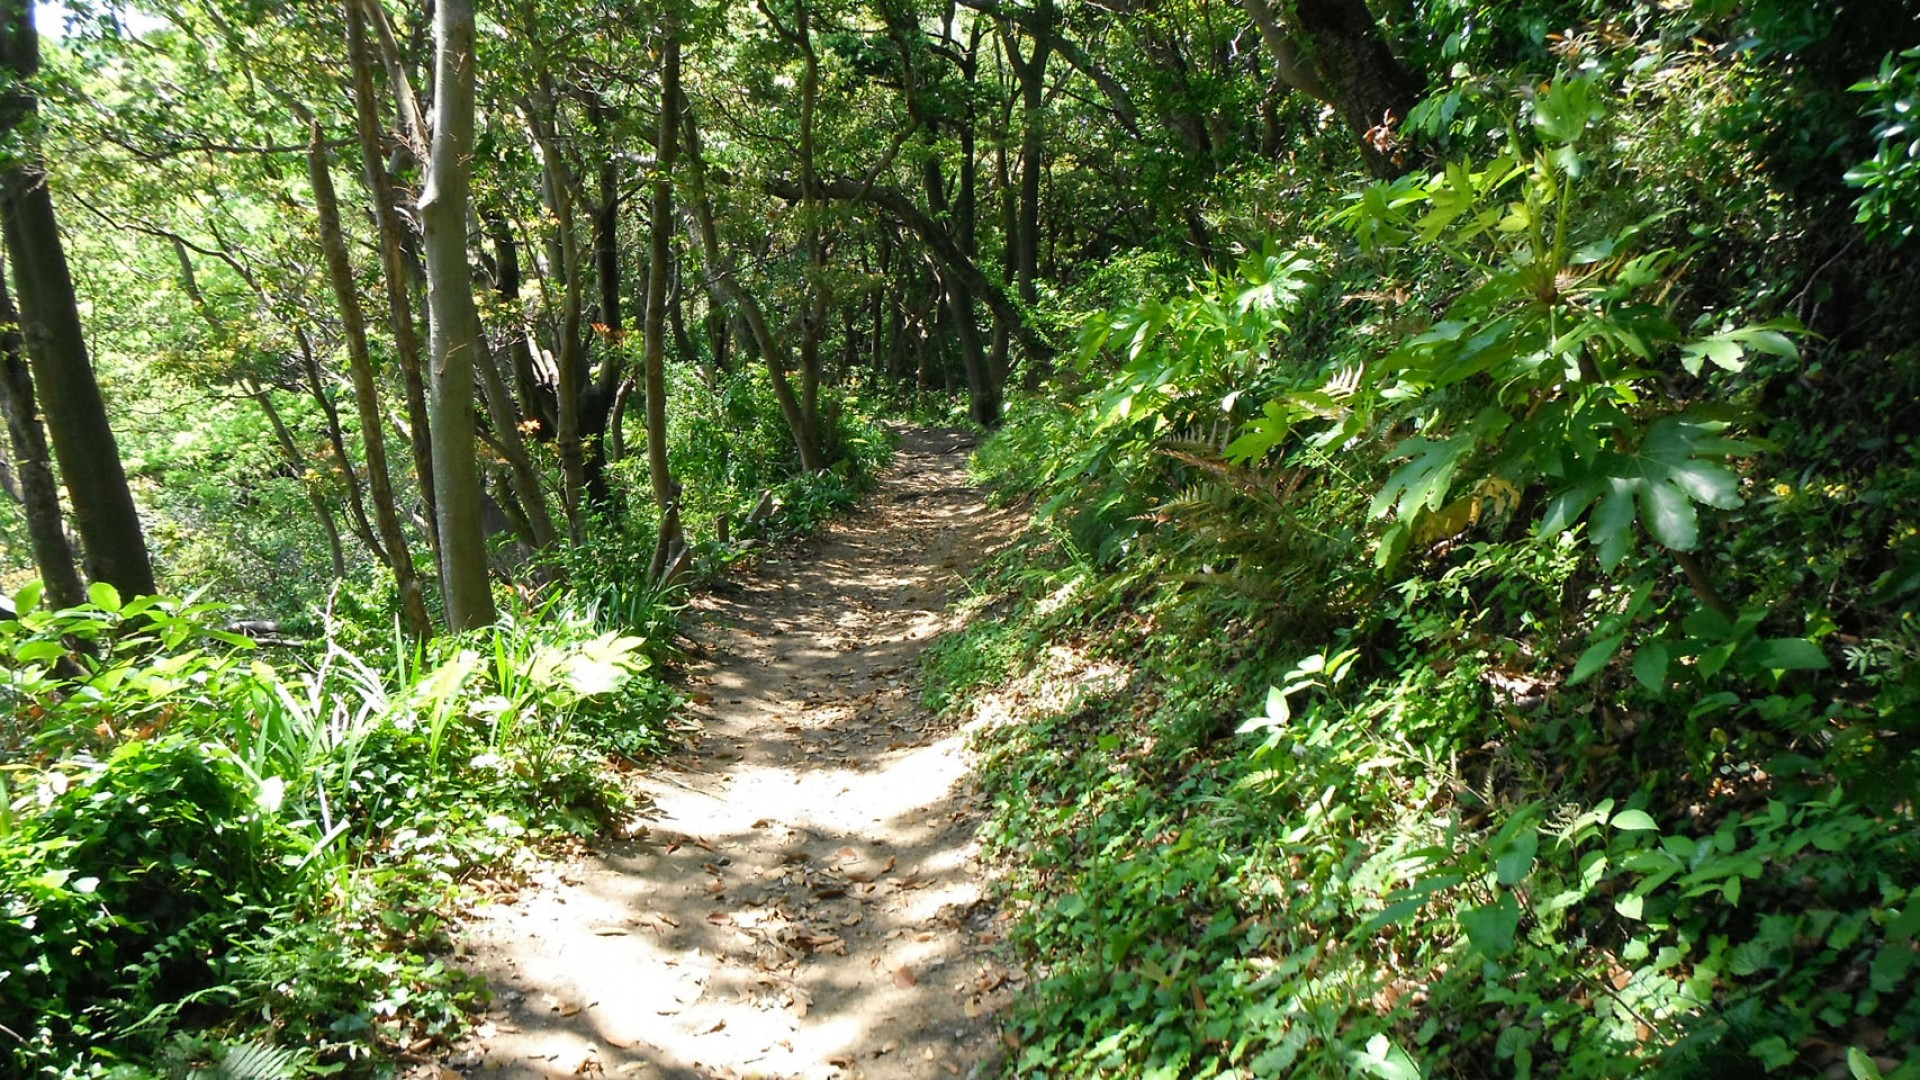 葉山 スタンドアップパドル体験 (葉山オーシャンスポーツ)